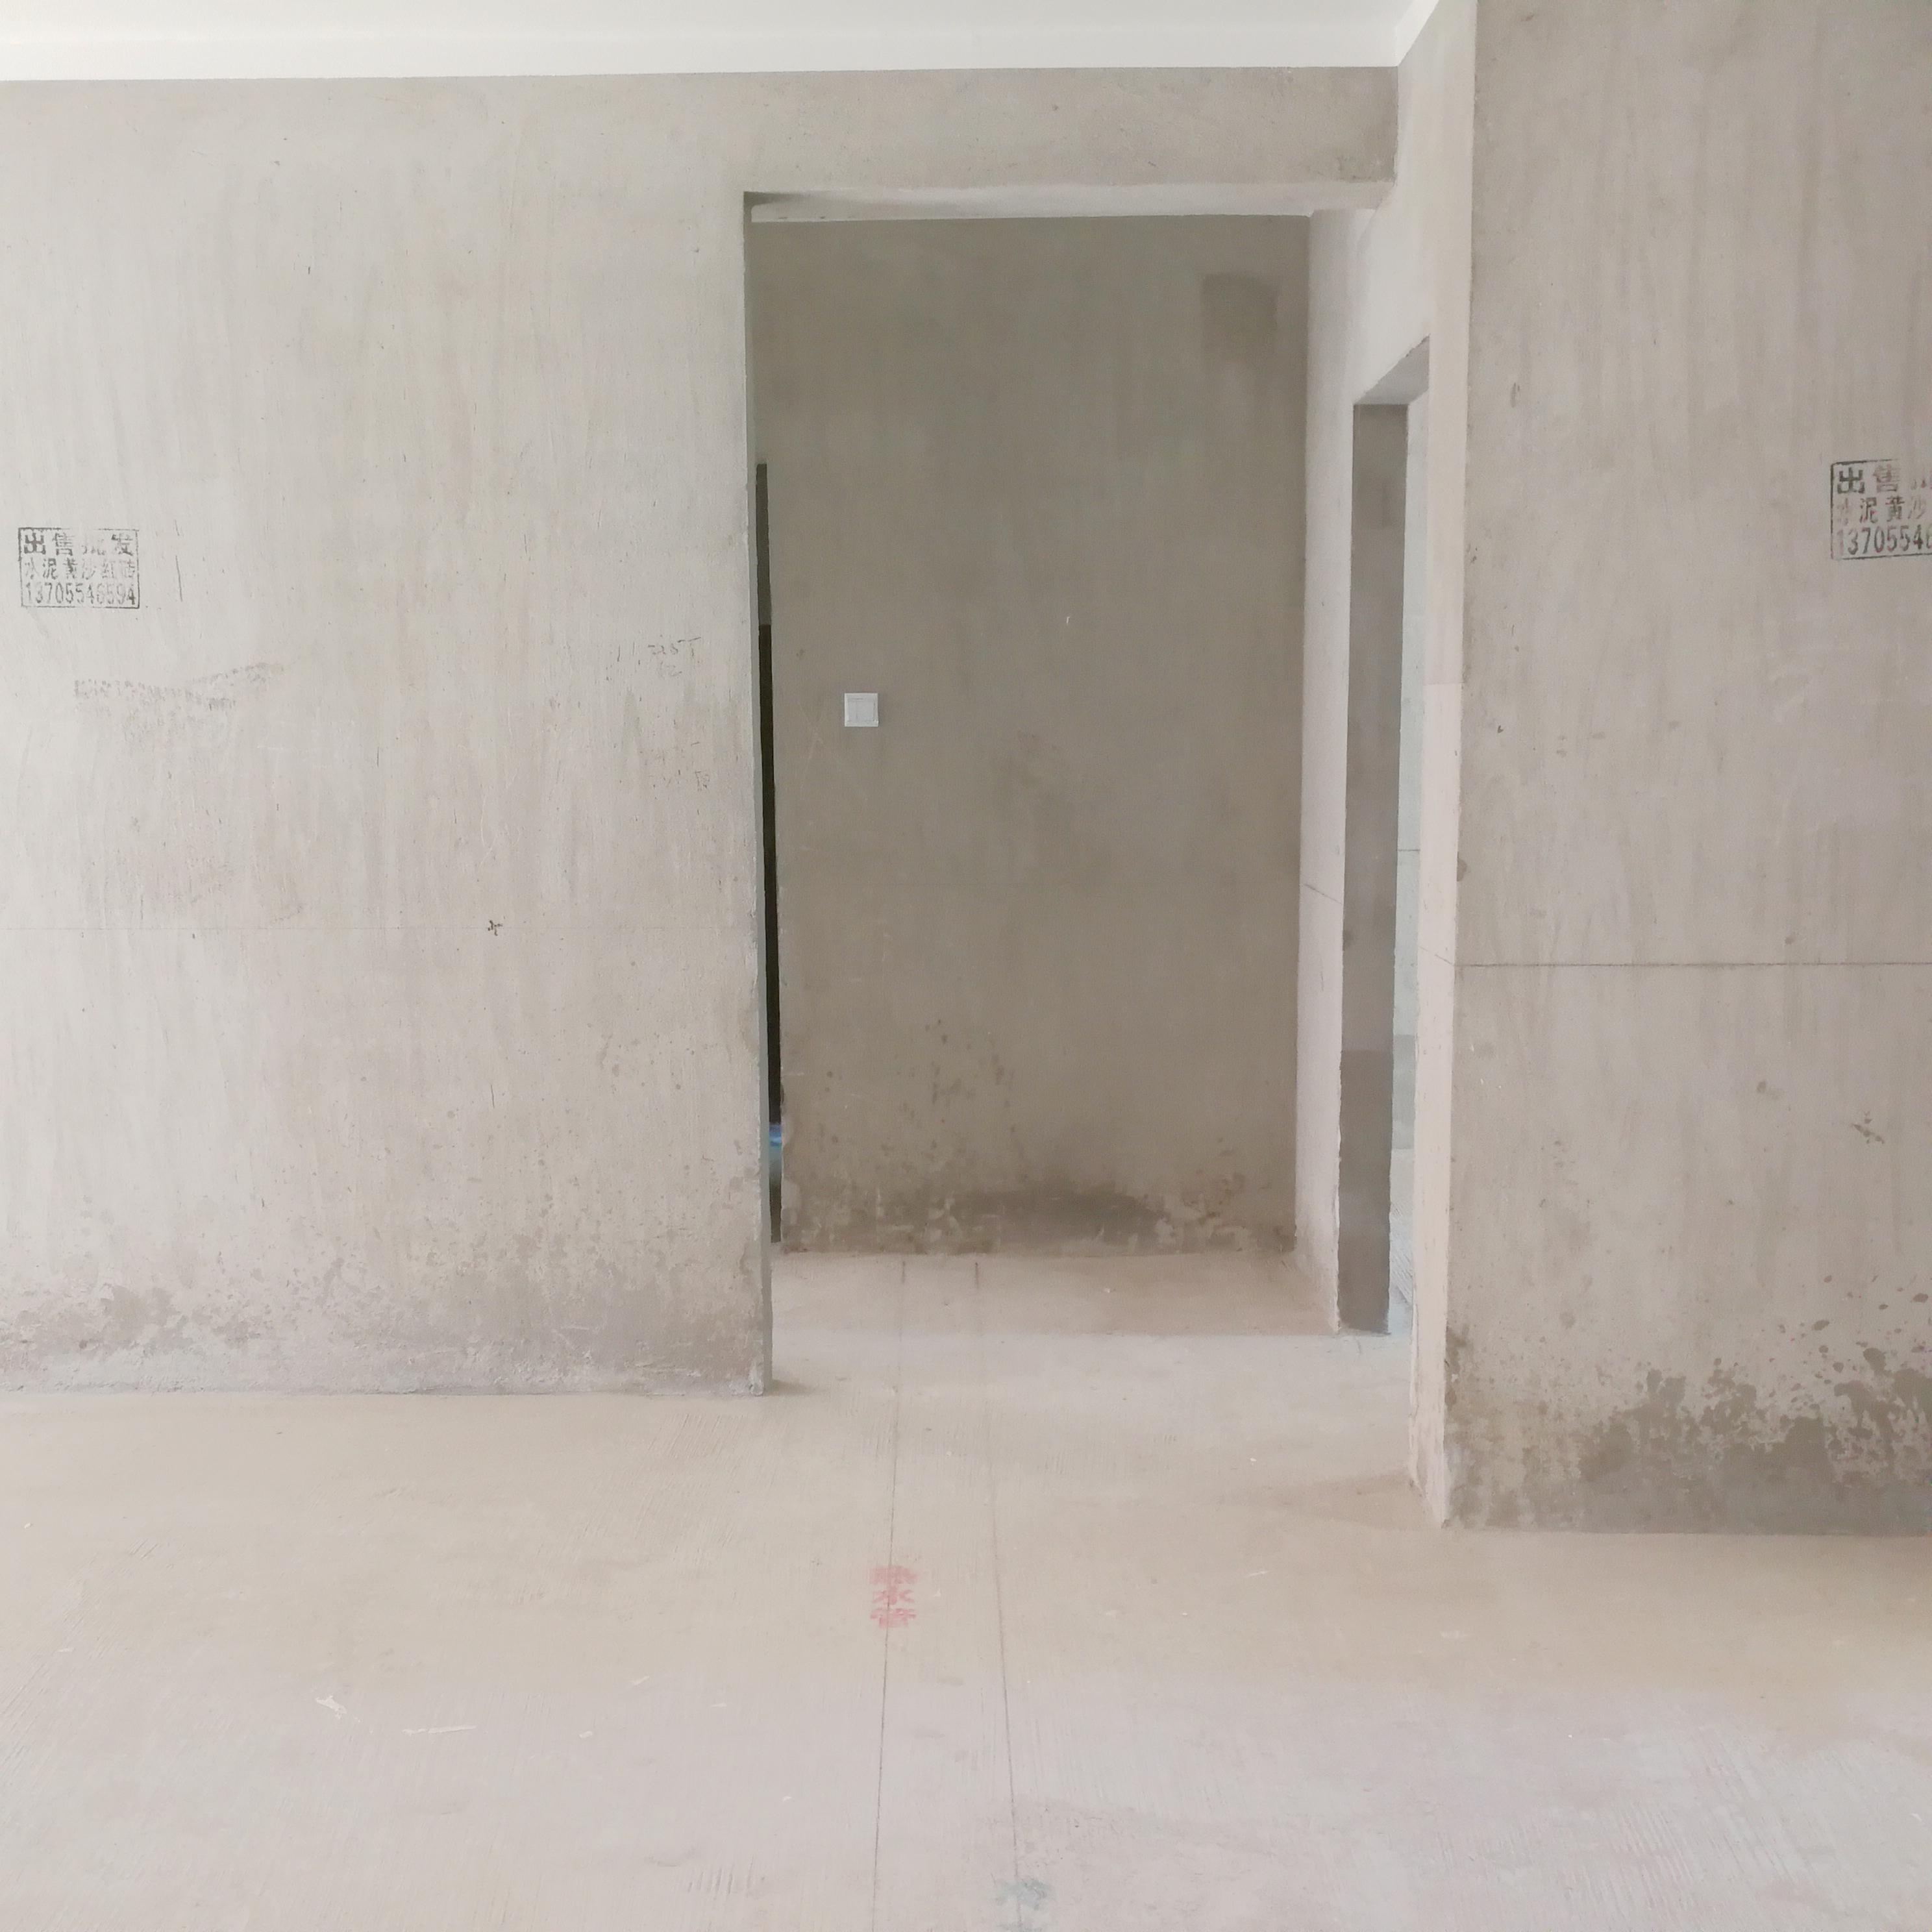 英伦联邦100平米3室毛坯房出售_1